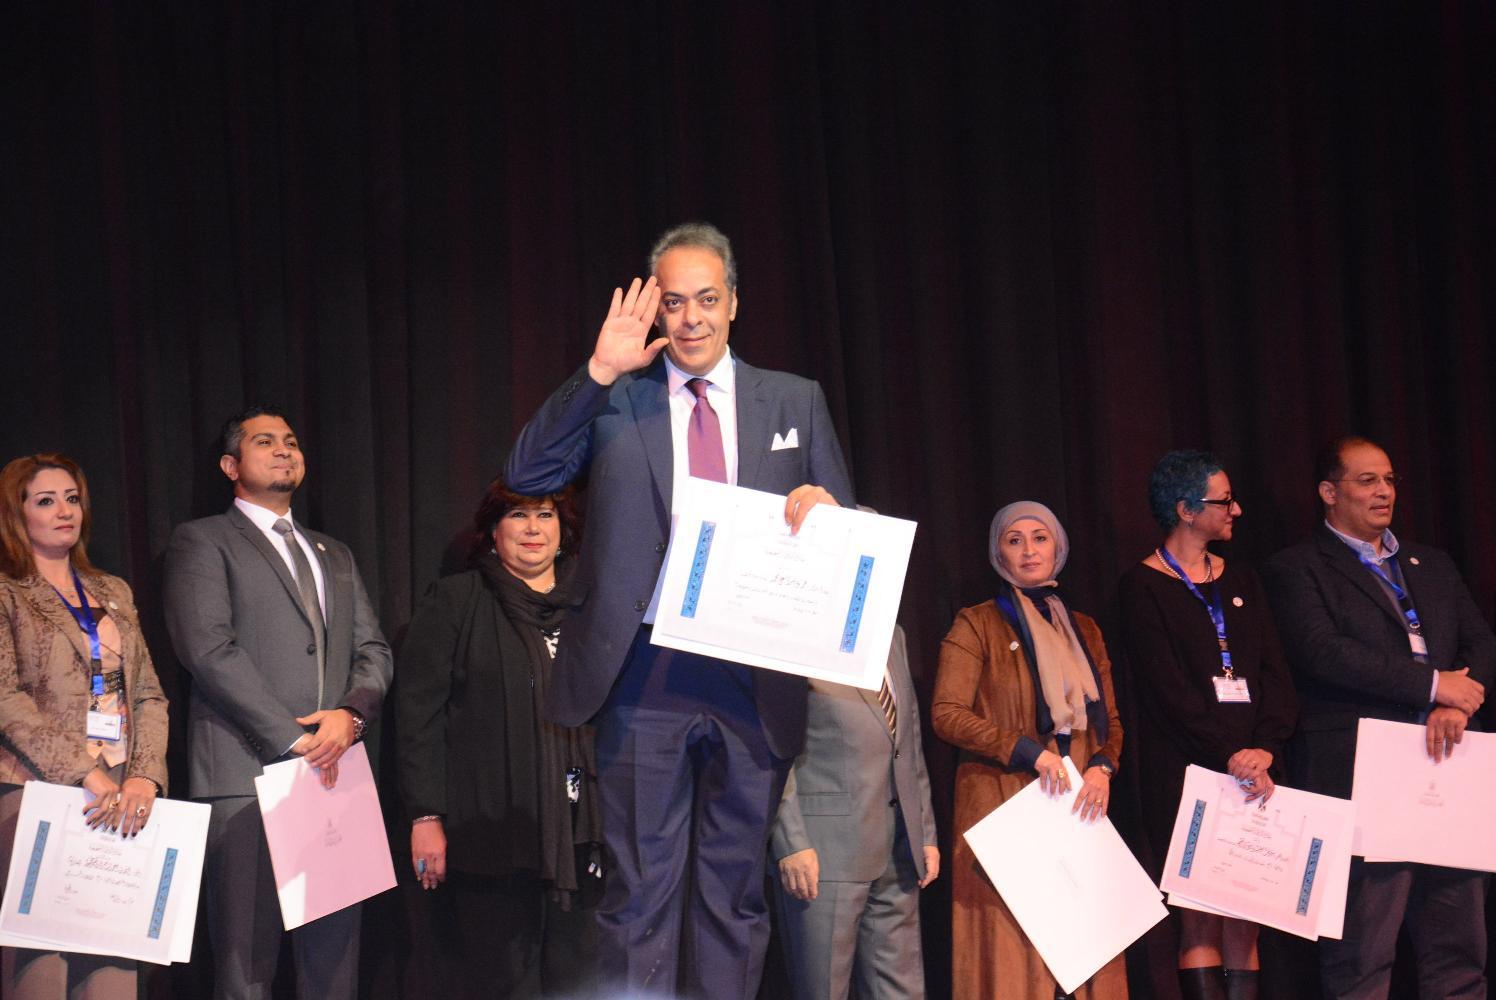 د. جمال سلامة عميد كلية السياسة والاقتصاد جامعة السويس